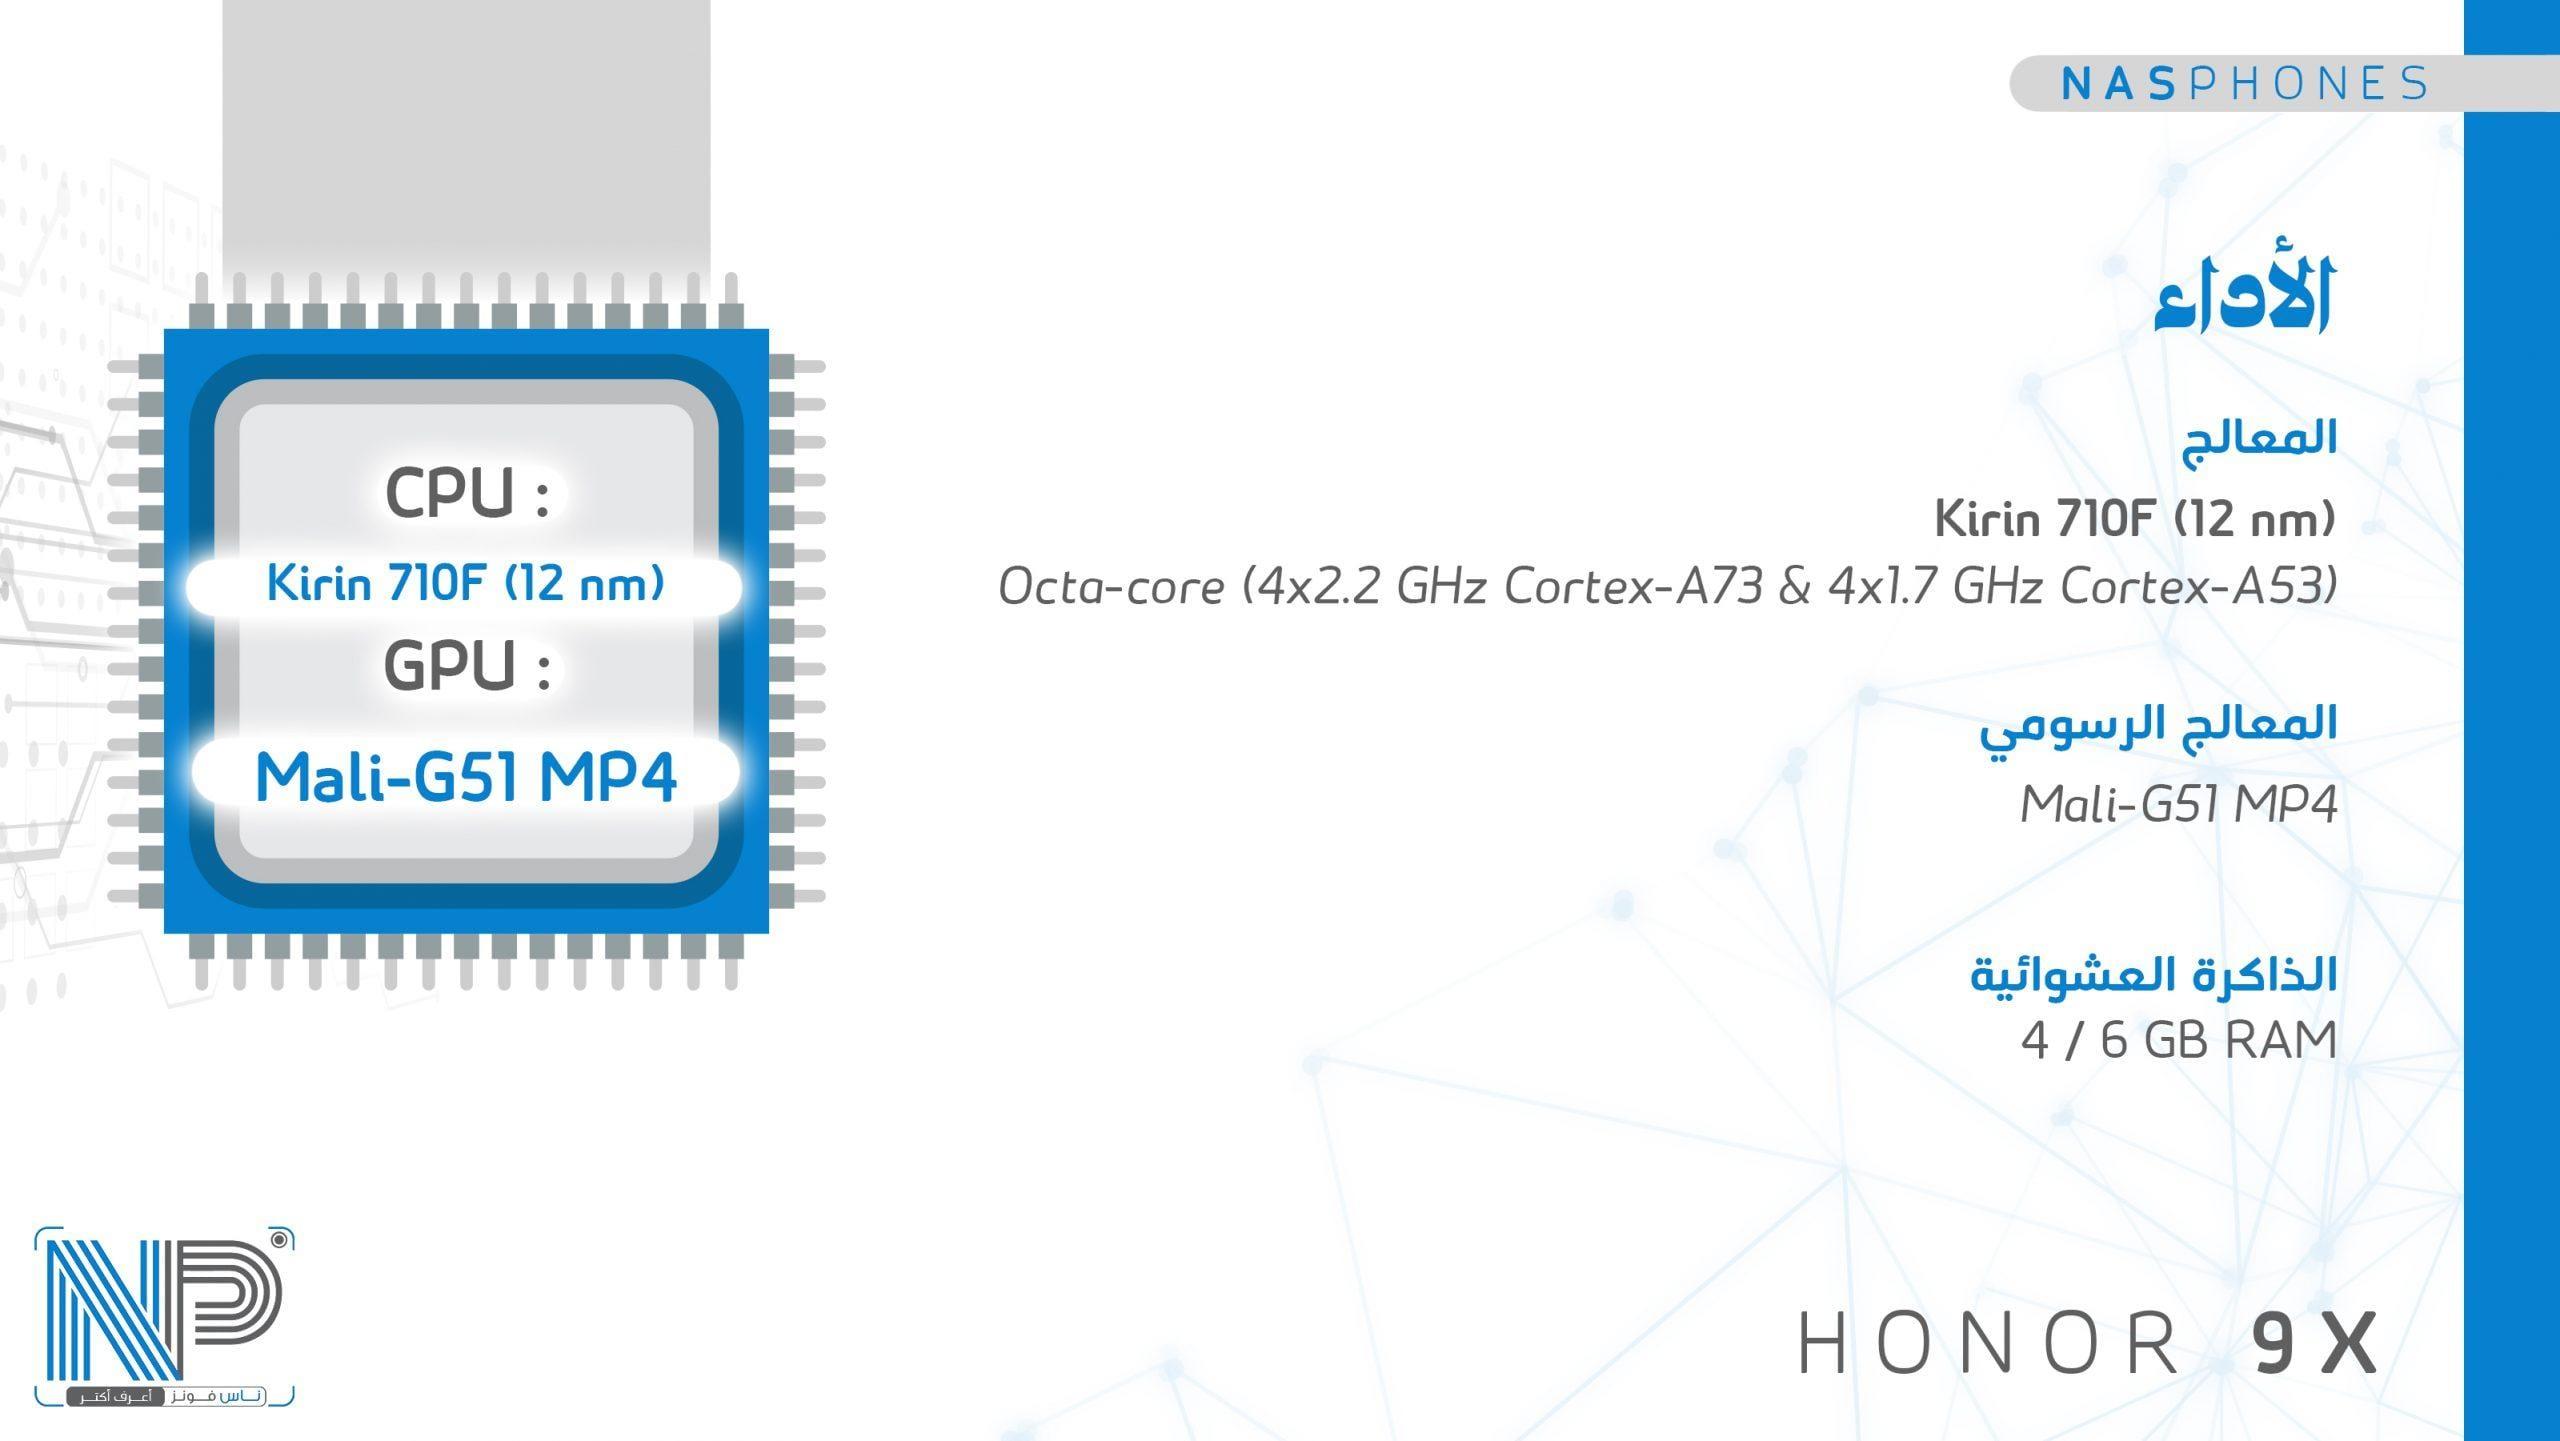 أداء موبايل هونر 9X